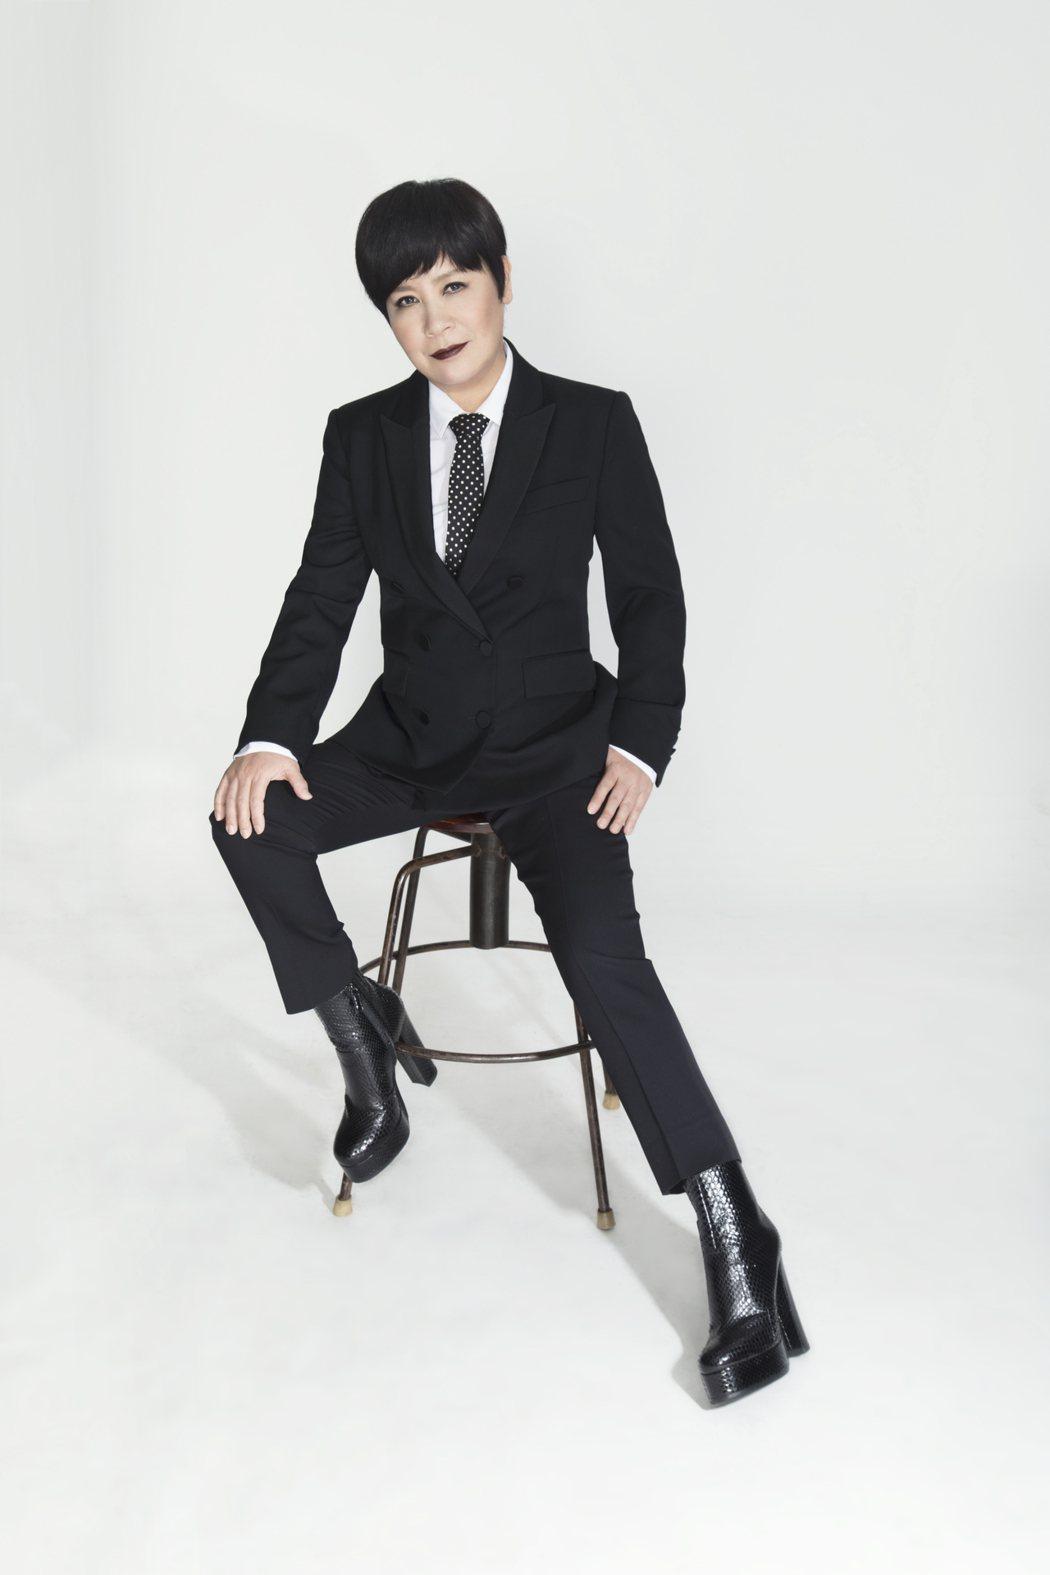 黃小琥推出新歌「春到了」。圖/華納提供